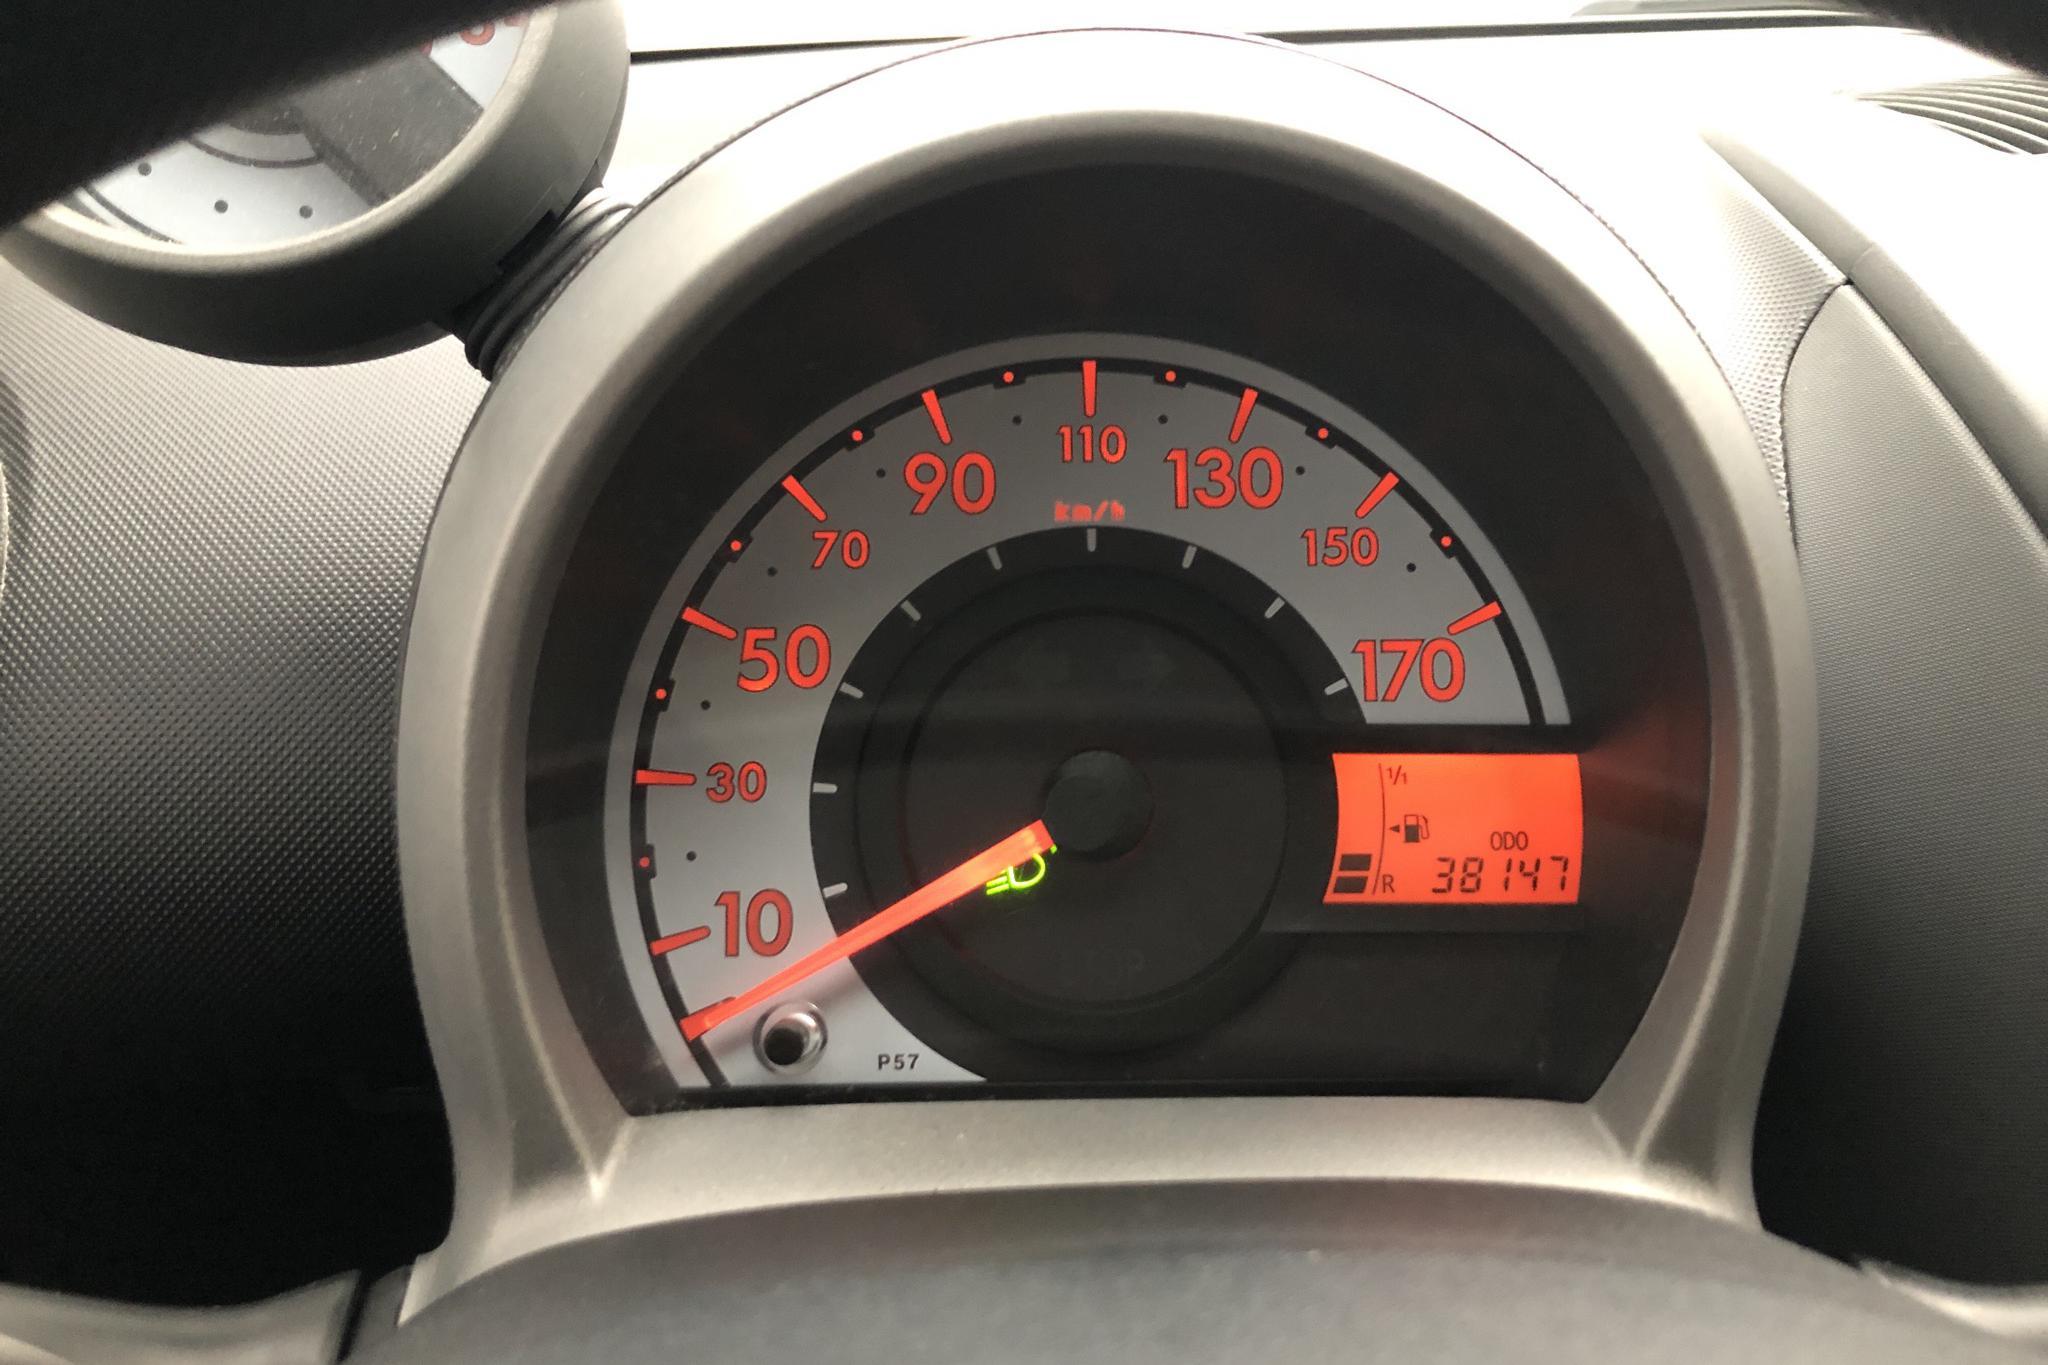 Toyota Aygo 1.0 VVT-i 5dr (68hk) - 38 150 km - Manual - Dark Grey - 2008